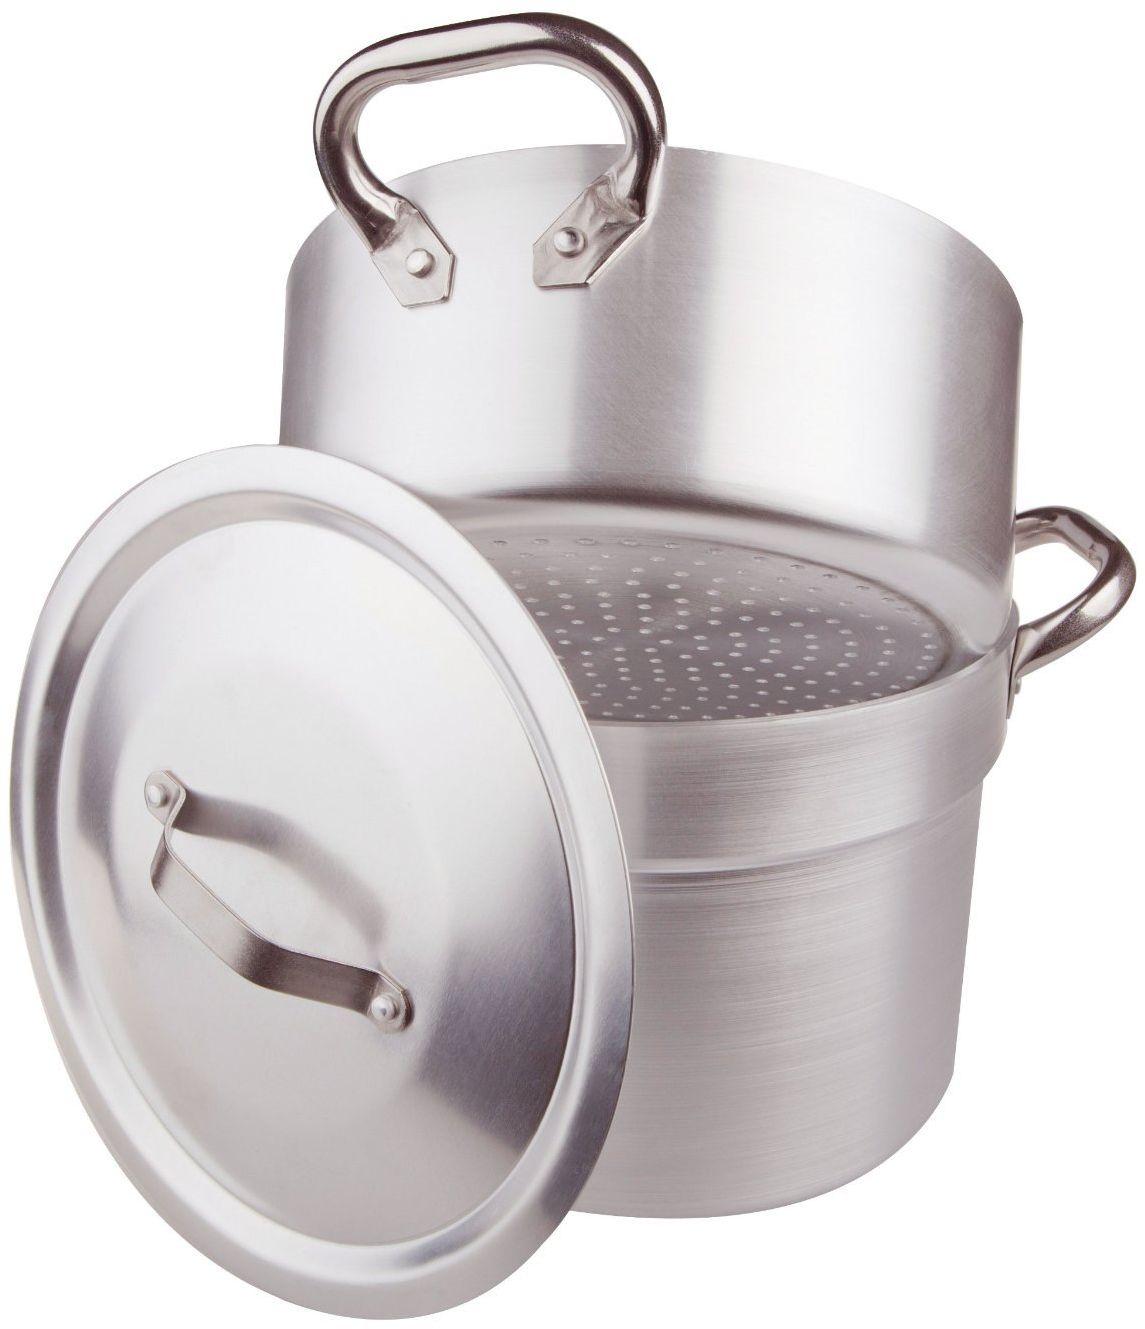 Pentole Agnelli Garnek do gotowania cuociverdure i parowar, z garnkiem na płytę kuchenną, grubość 3 mm, w komplecie z pokrywą i dwoma uchwytami ze stali nierdzewnej 40 cm